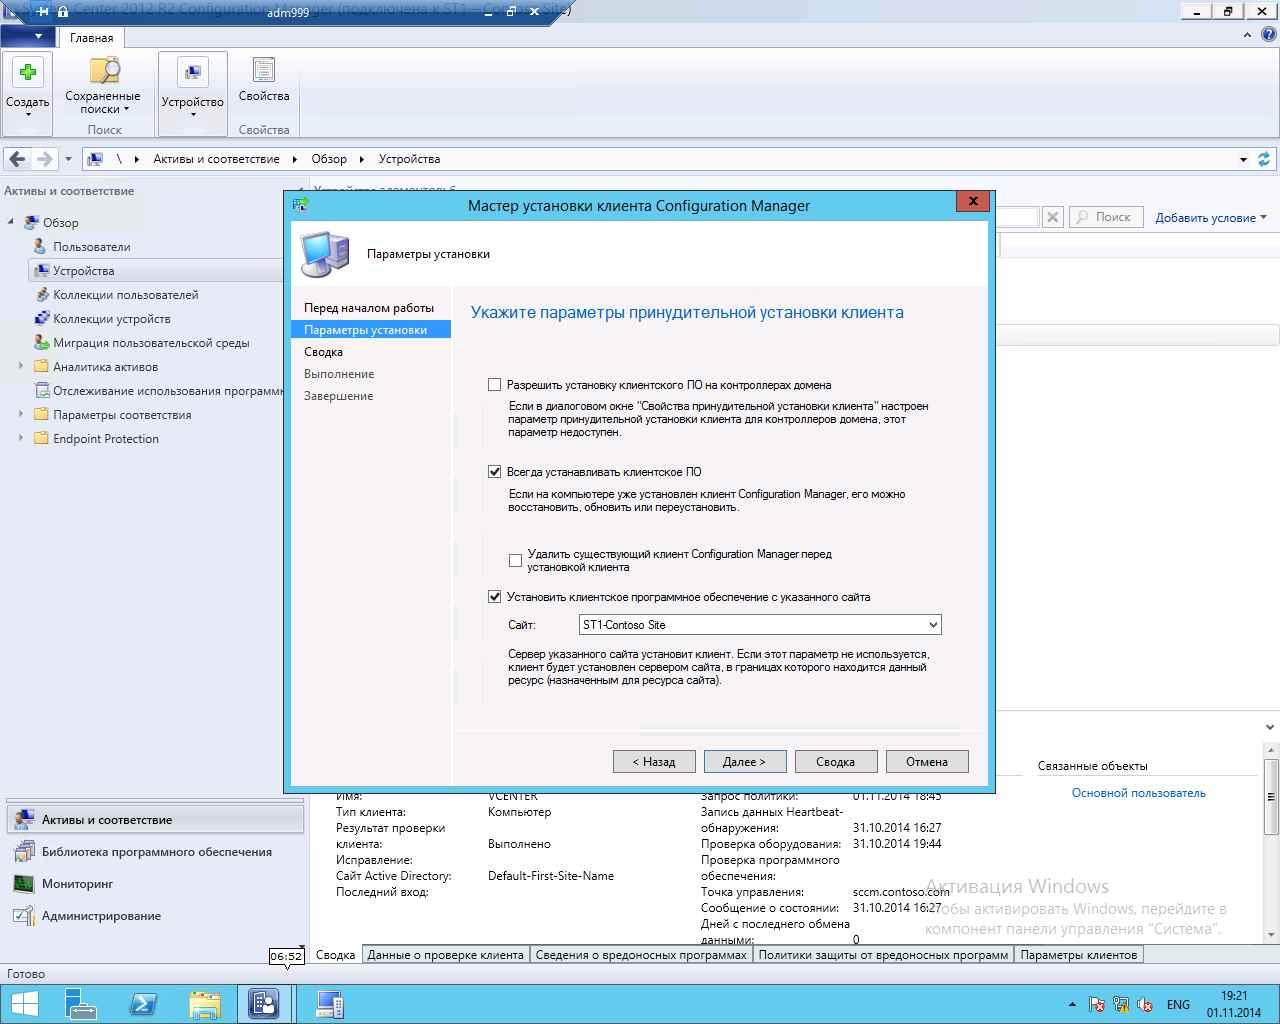 Как установить SCCM (System Center Configuration Manager) 2012R2 в windows server 2012R2 -6 часть. Как принудительно установить клиента-10